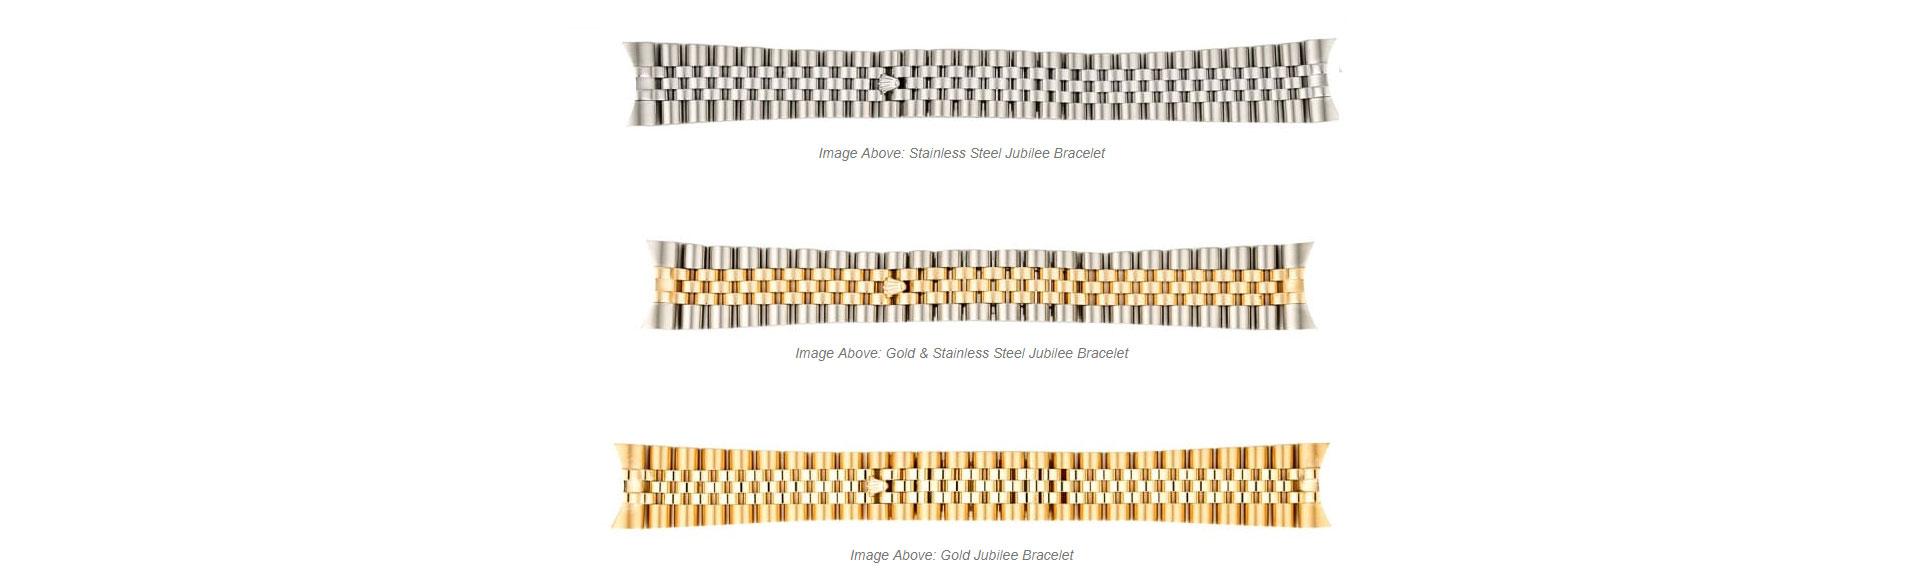 Jubilee Bracelets Repair